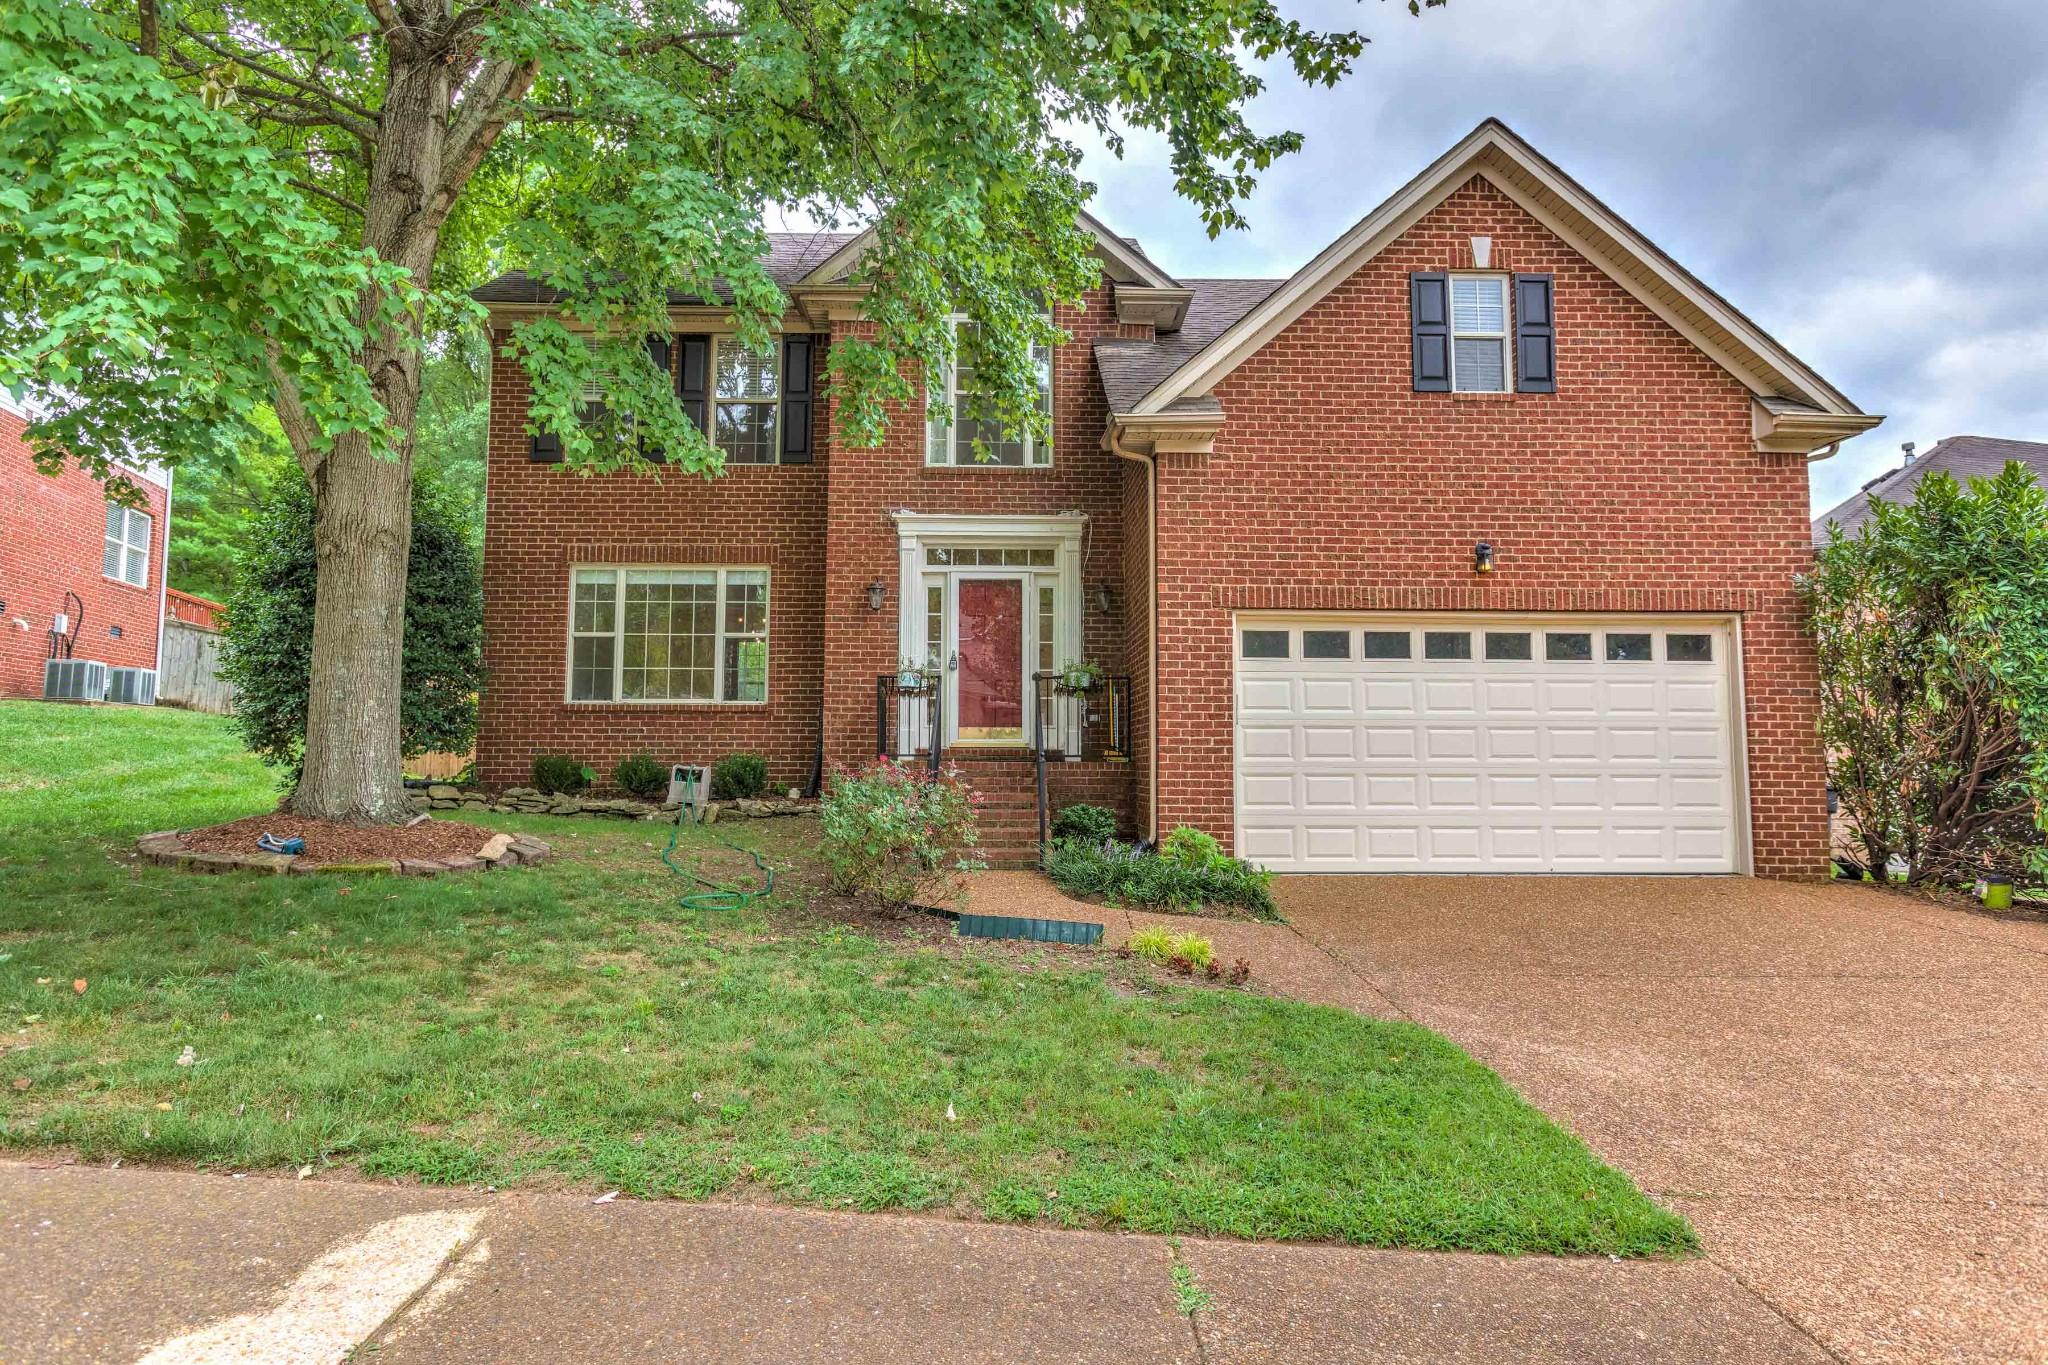 207 Eastgate Crescent Pl Property Photo - Franklin, TN real estate listing